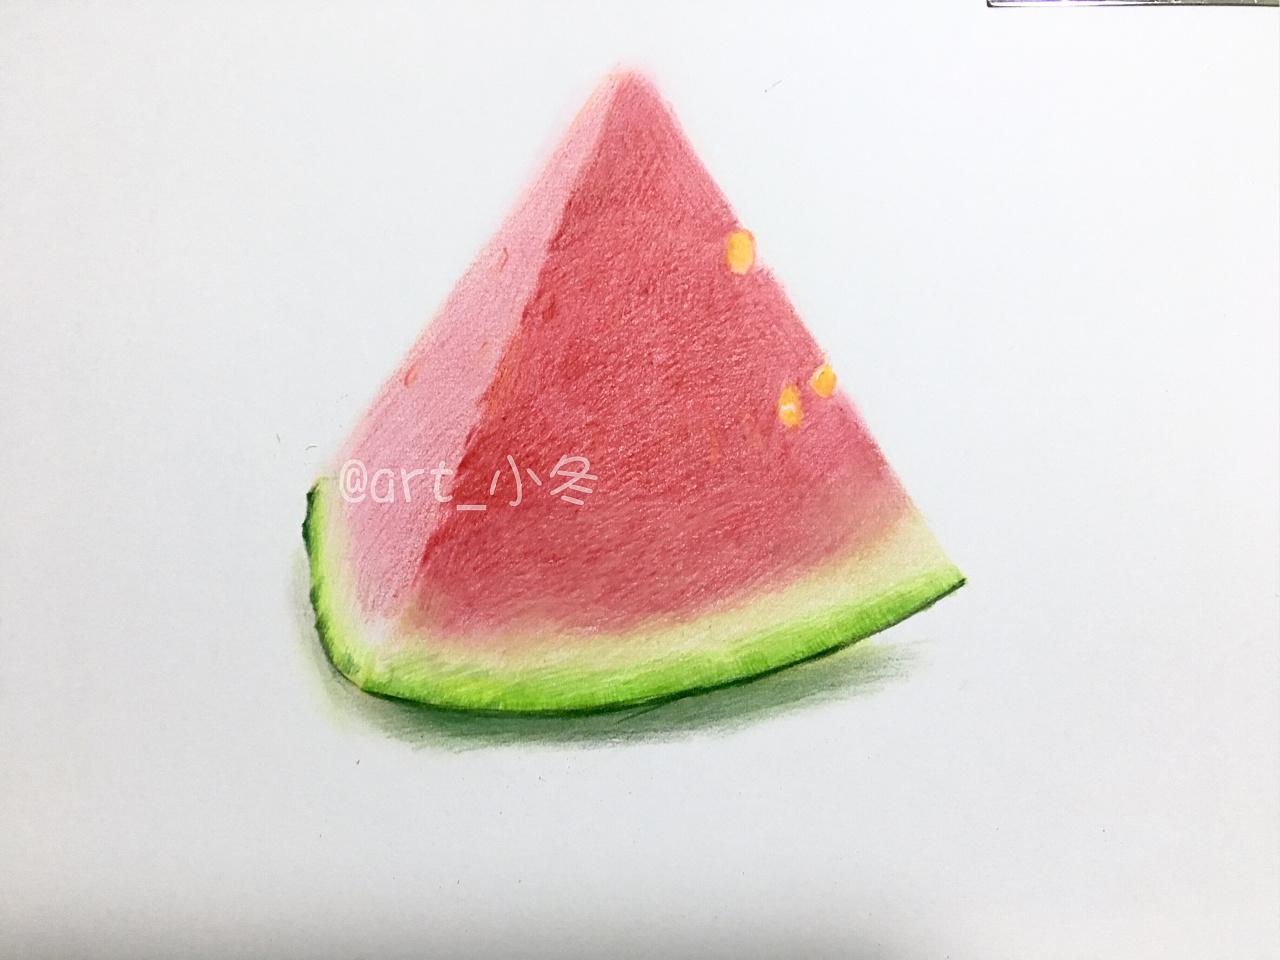 晚上吃西瓜有哪些坏处呢 - 京东